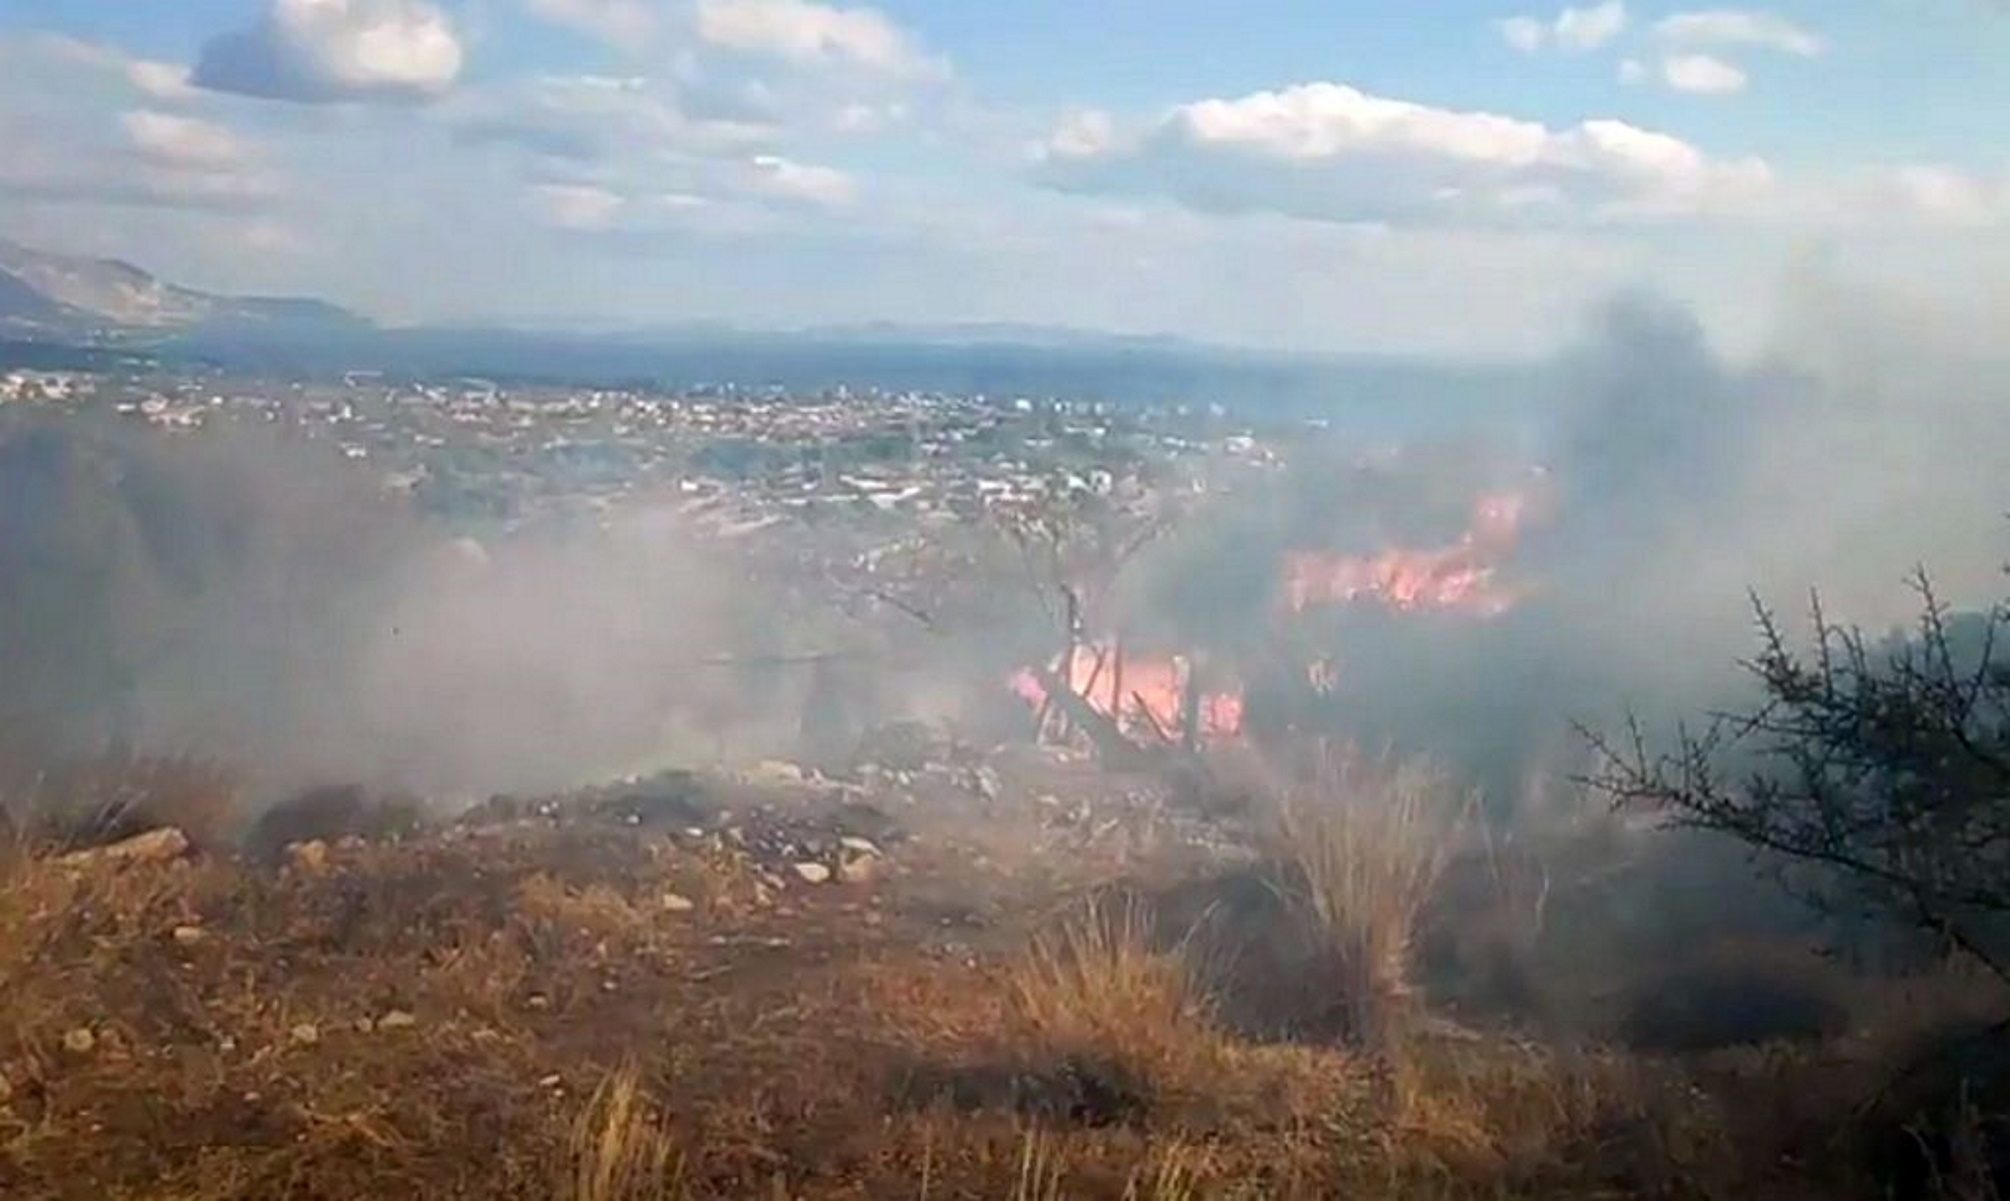 Άγιοι Θεόδωροι Κορινθίας: Μεγάλη φωτιά κοντά σε σπίτια – Μάχη με τις φλόγες και τα μποφόρ (video)